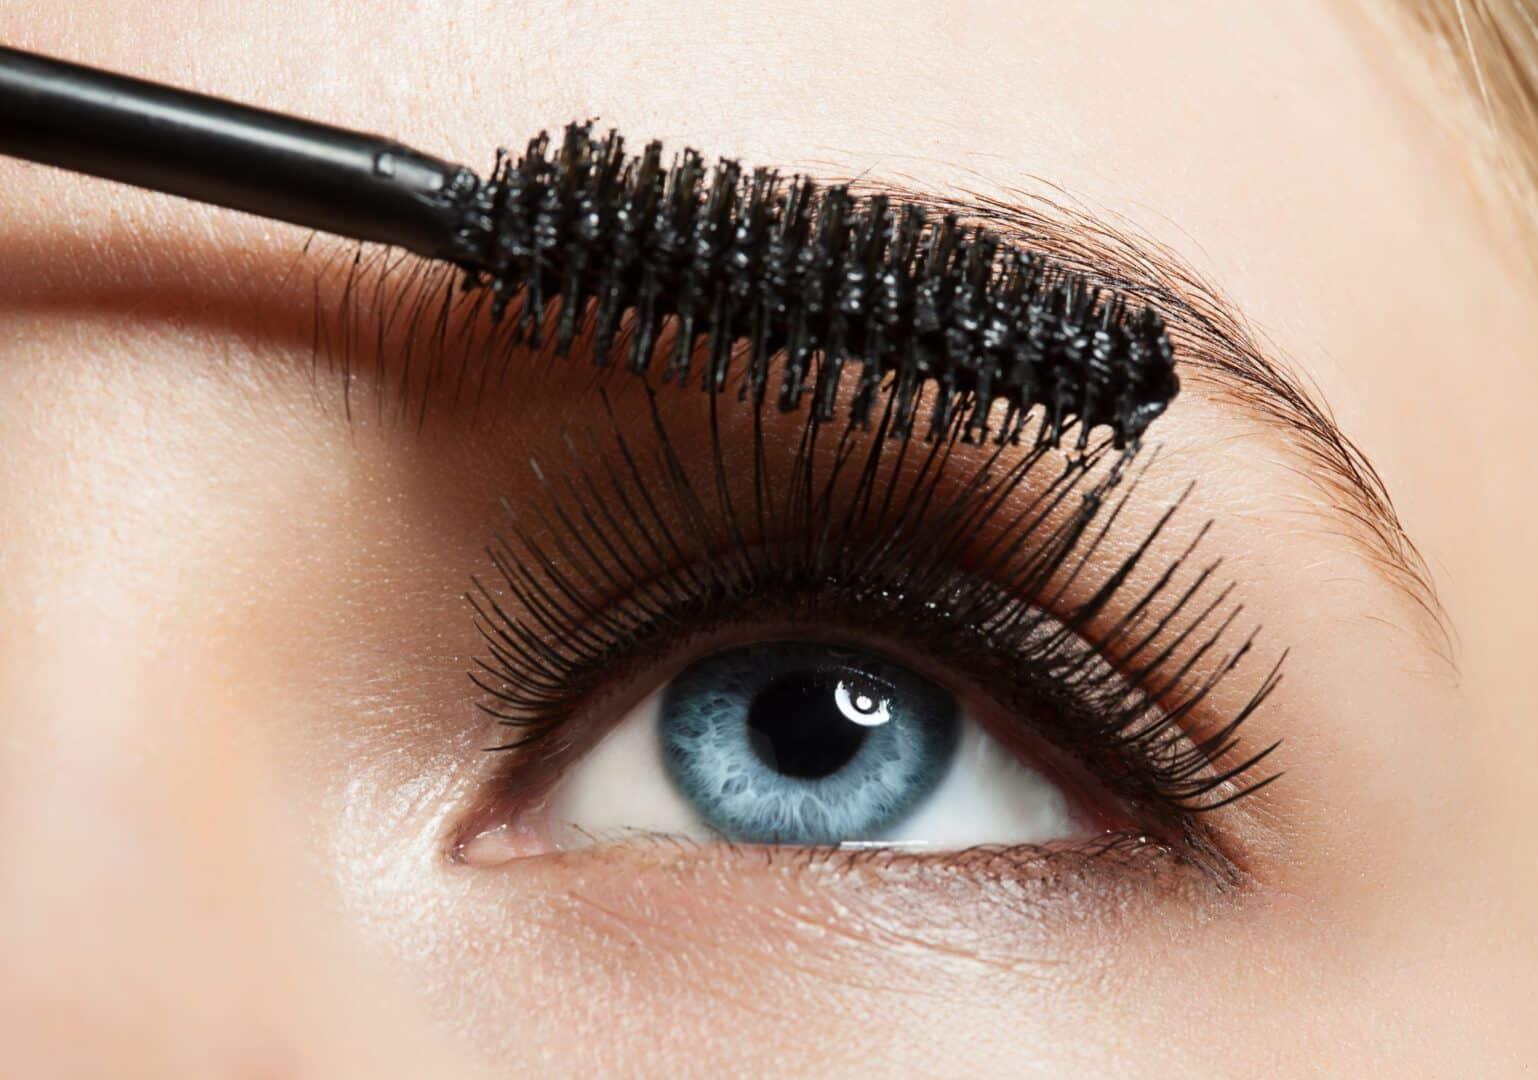 Como aumentar os olhos - 8 super dicas para fazer com maquiagem